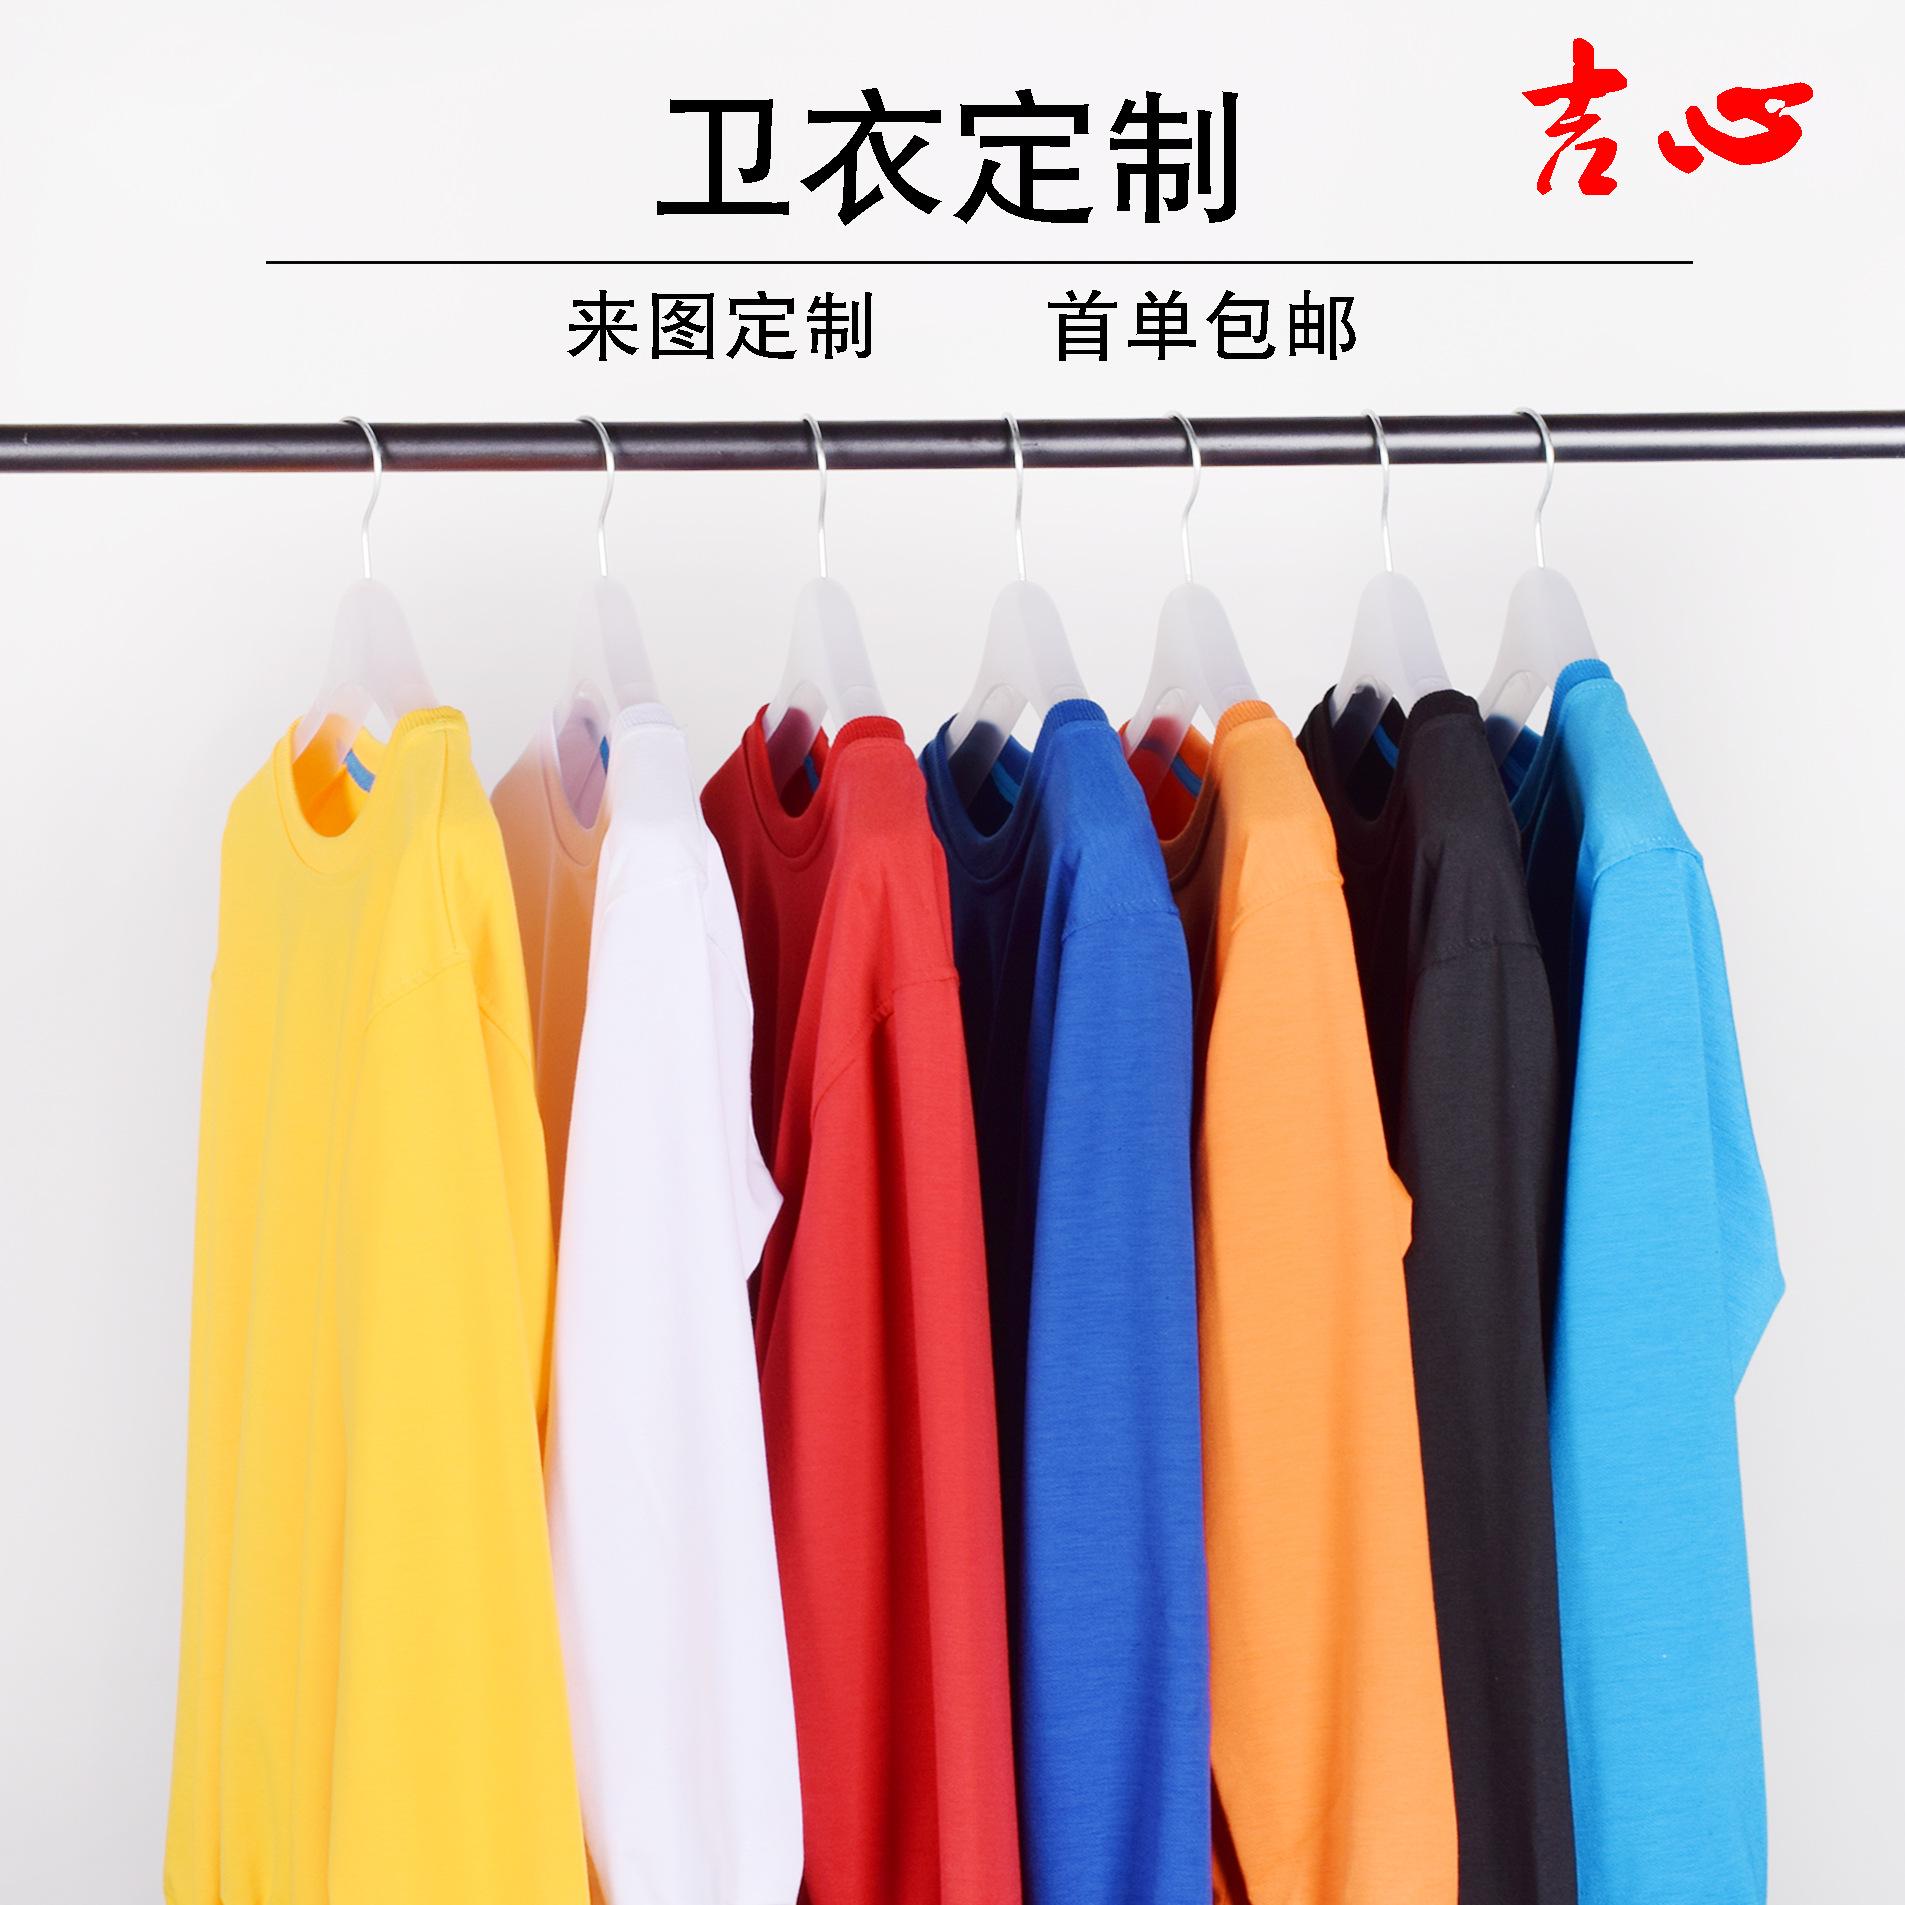 薄款纯色圆领卫衣定制 工厂批发订做春秋空白热转印卫衣班服